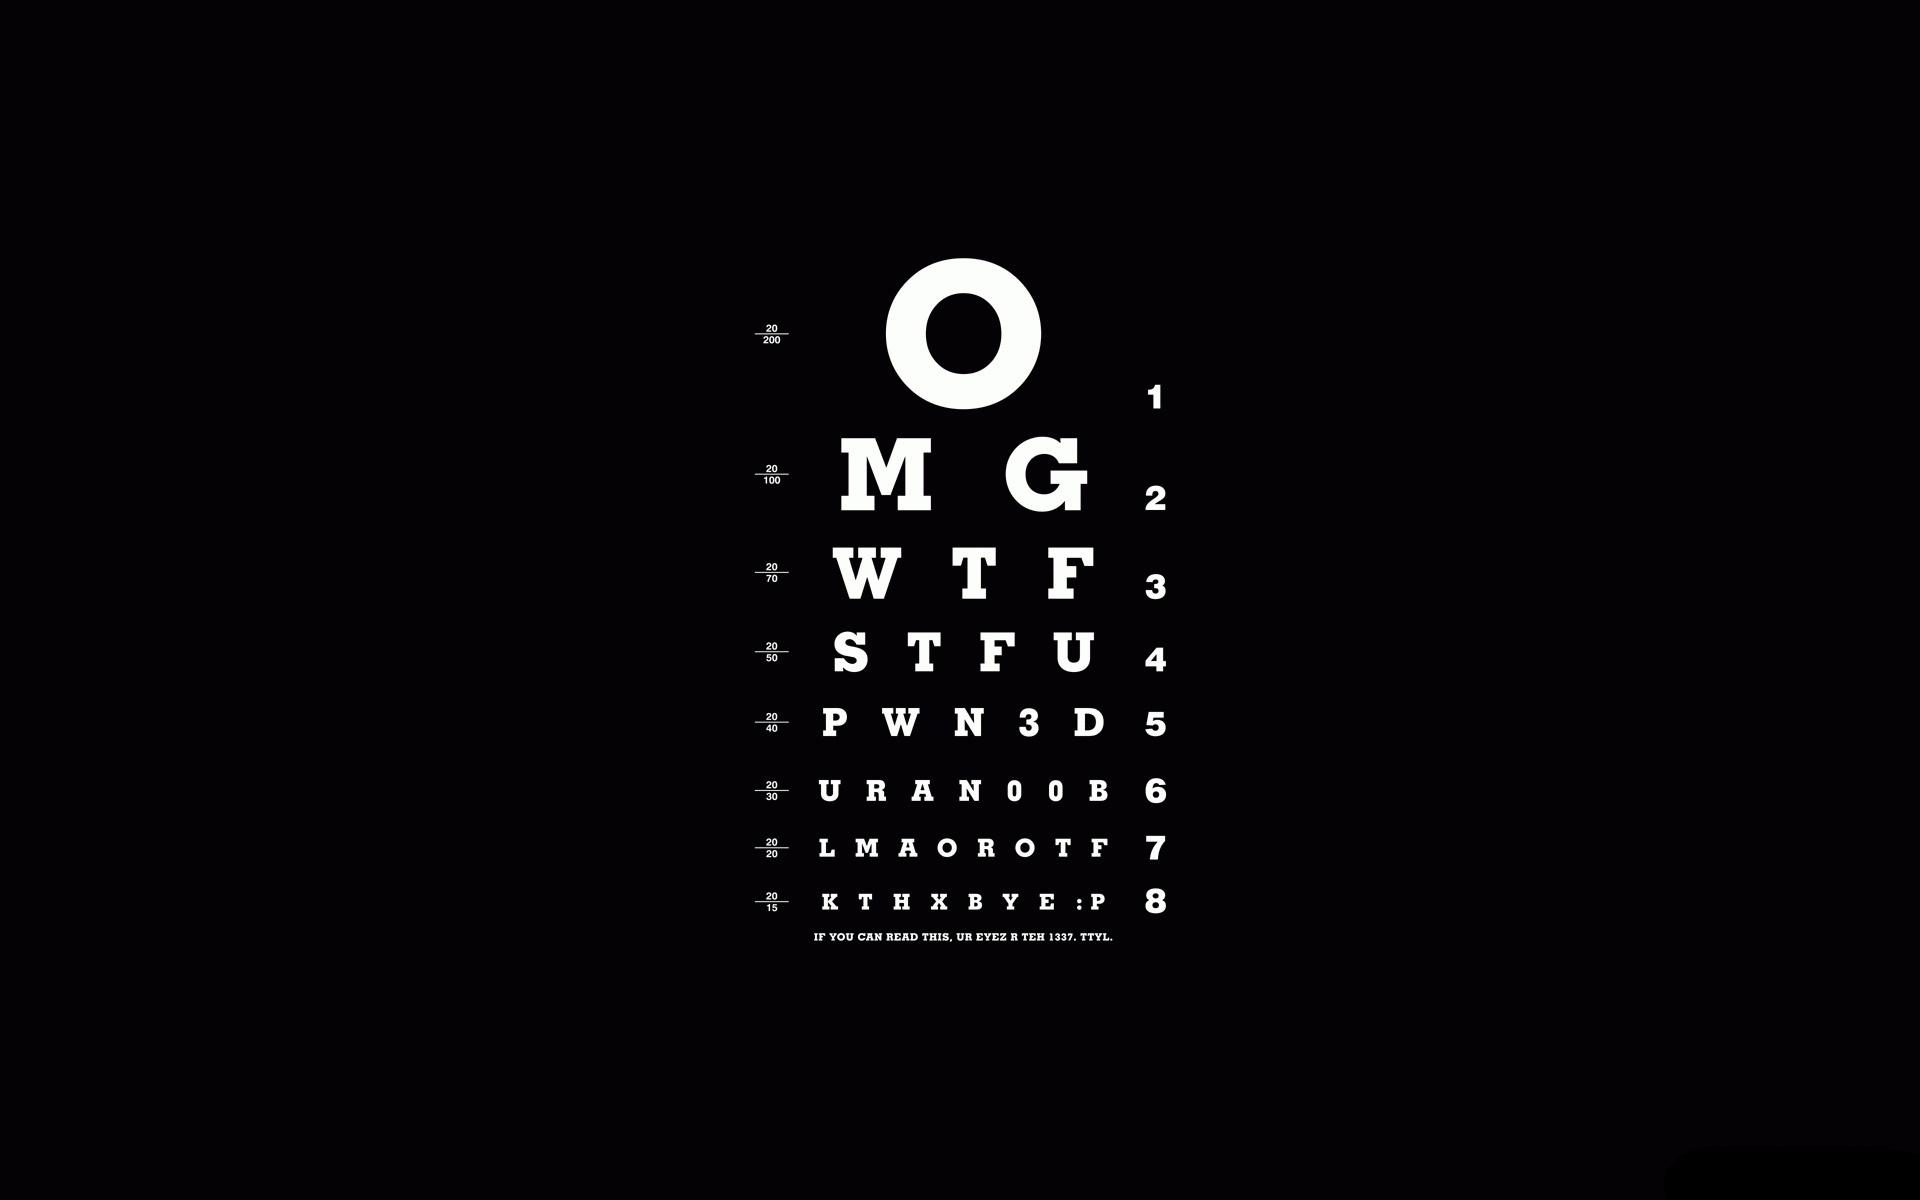 Как сделать белые буквы на чёрном фоне